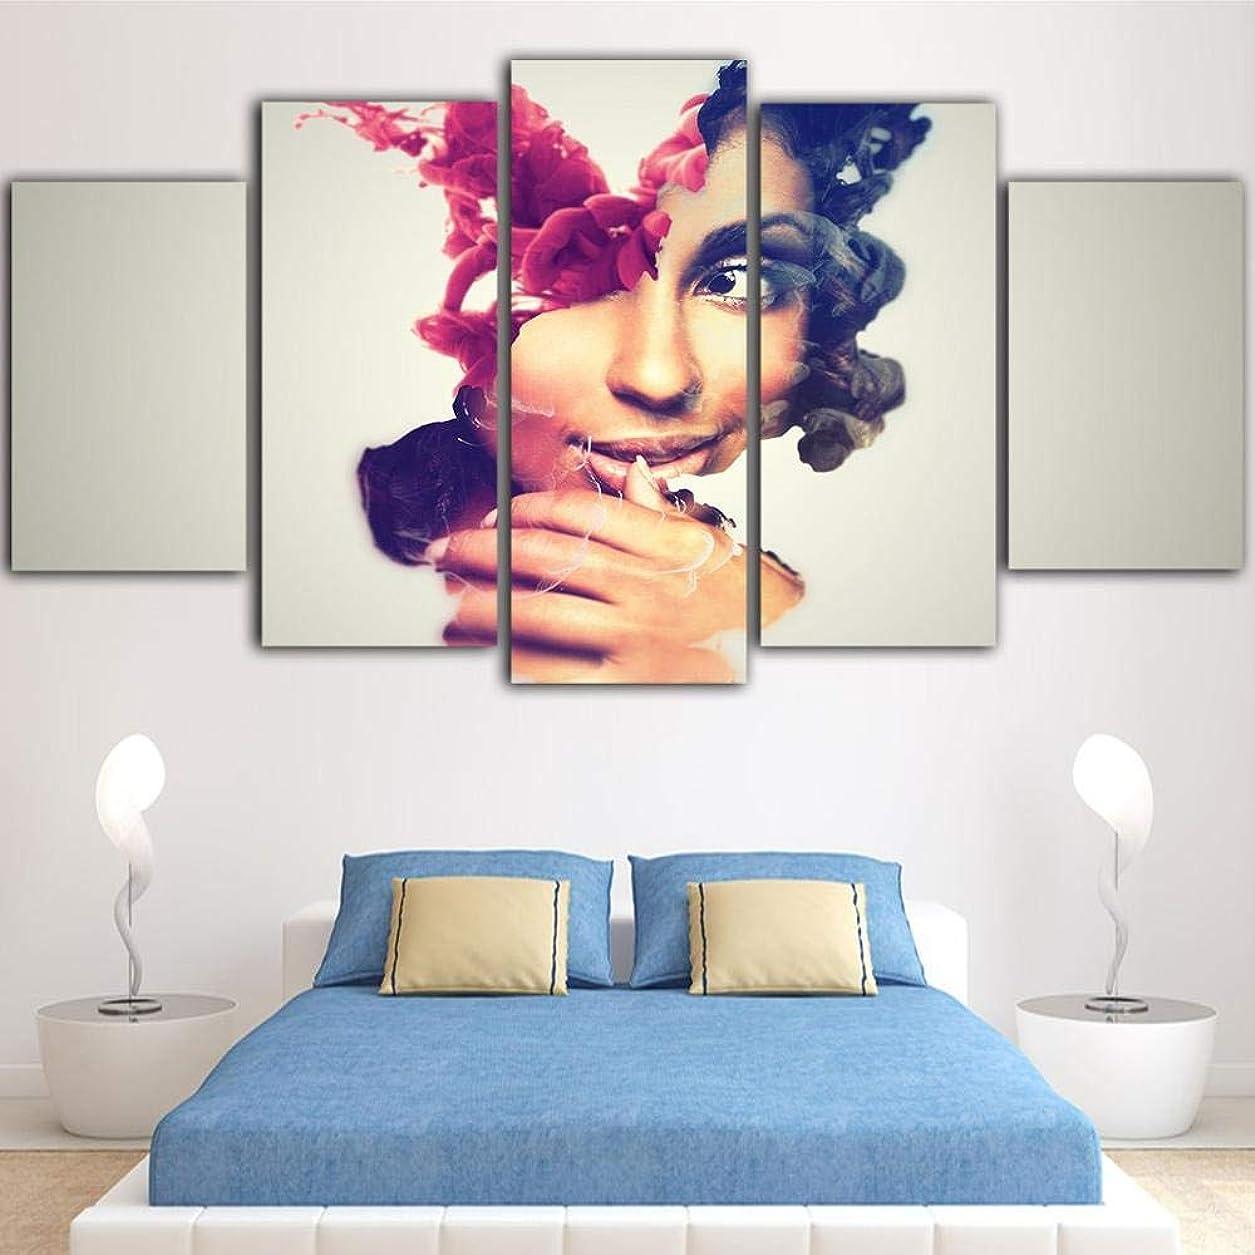 涙が出る千速記Ssckll 5ピース美容アートポスターキャンバスHd壁アートキャンバス画像抽象的な装飾サロン-フレーム